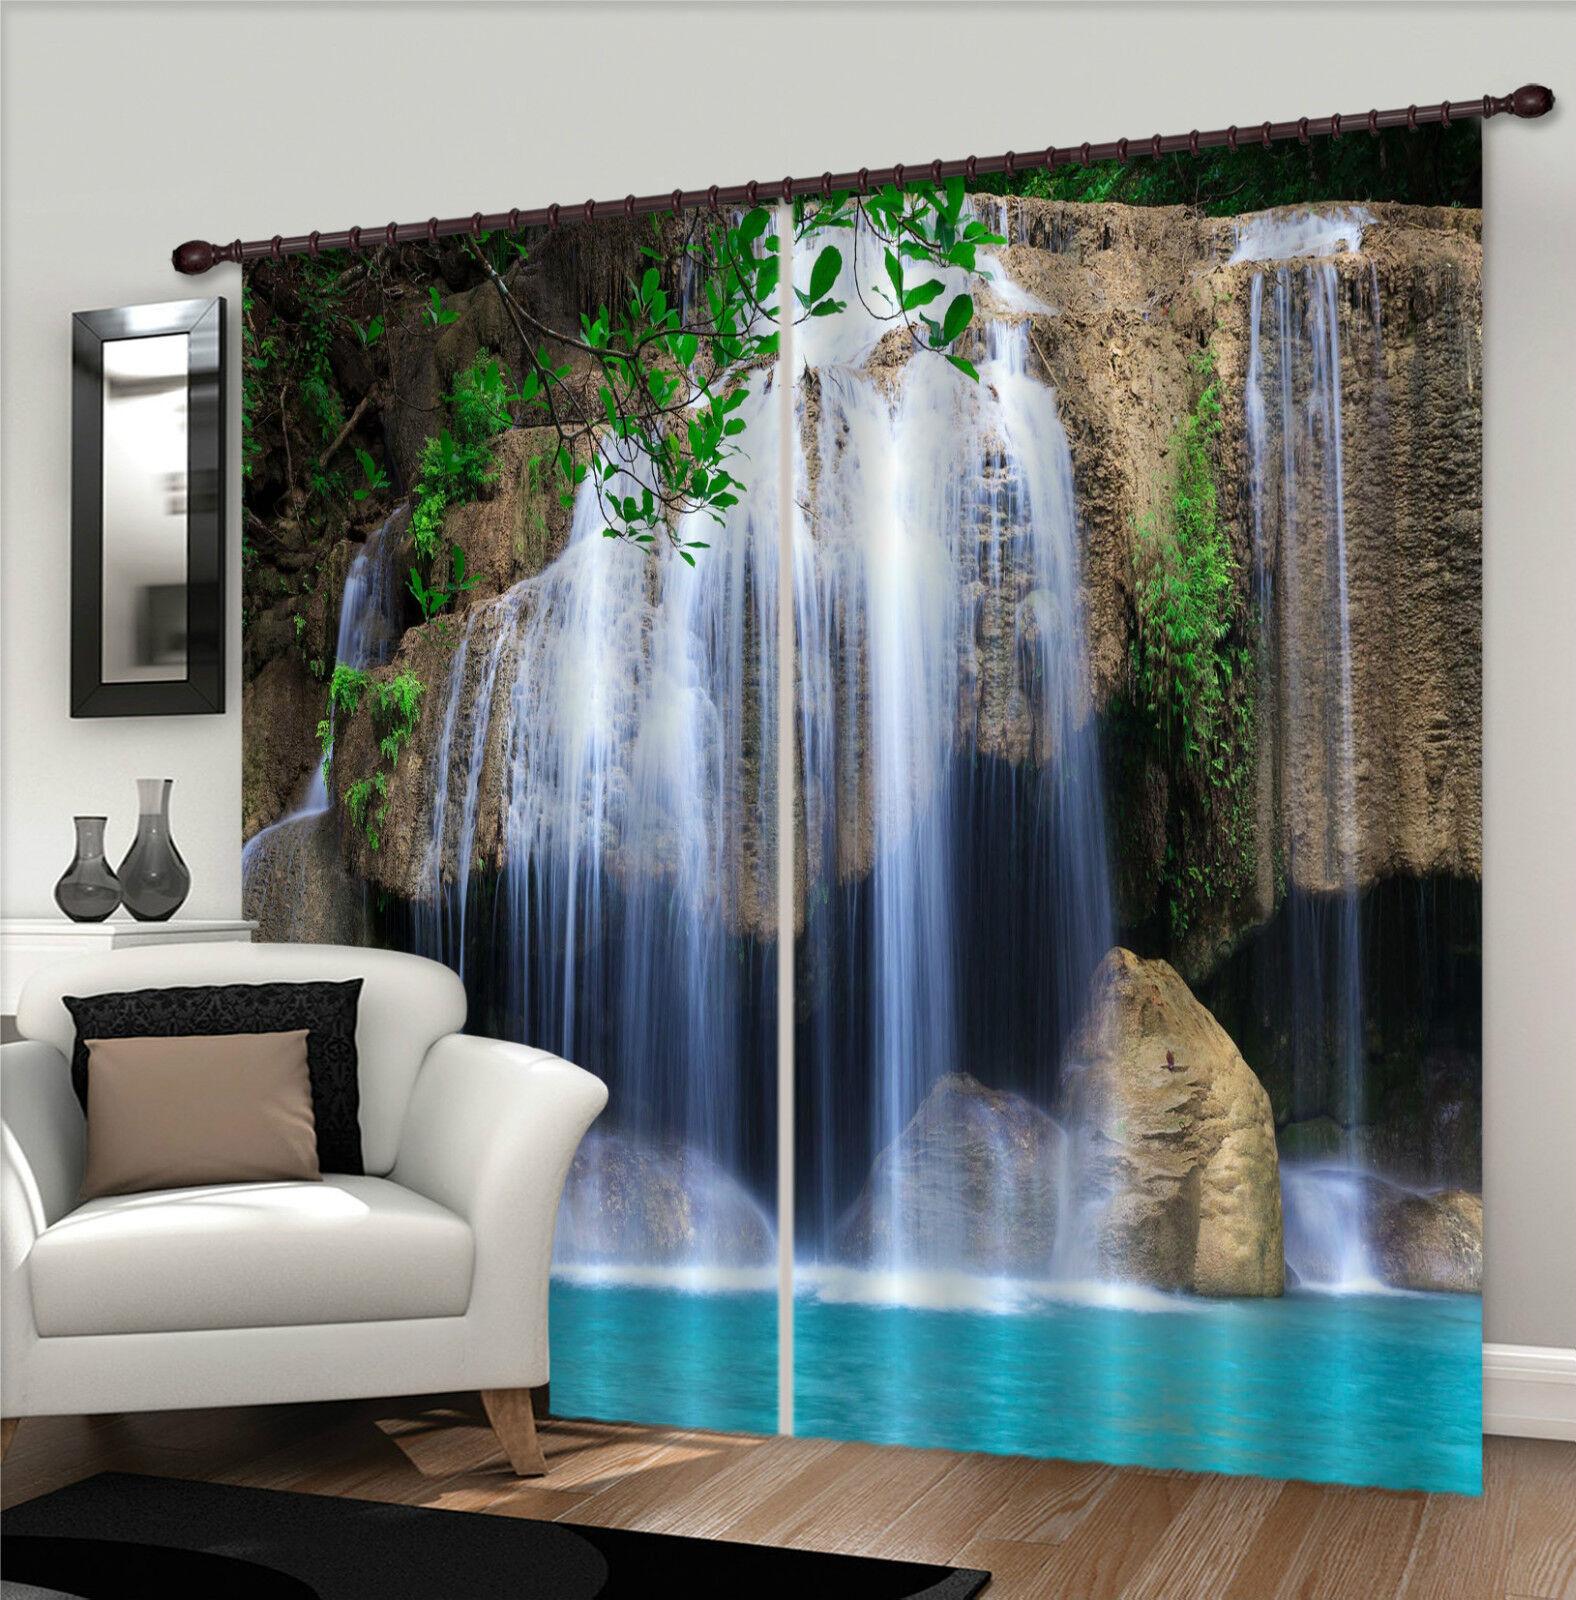 3d cascada 508 bloqueo foto cortina cortina de impresión sustancia cortinas de ventana